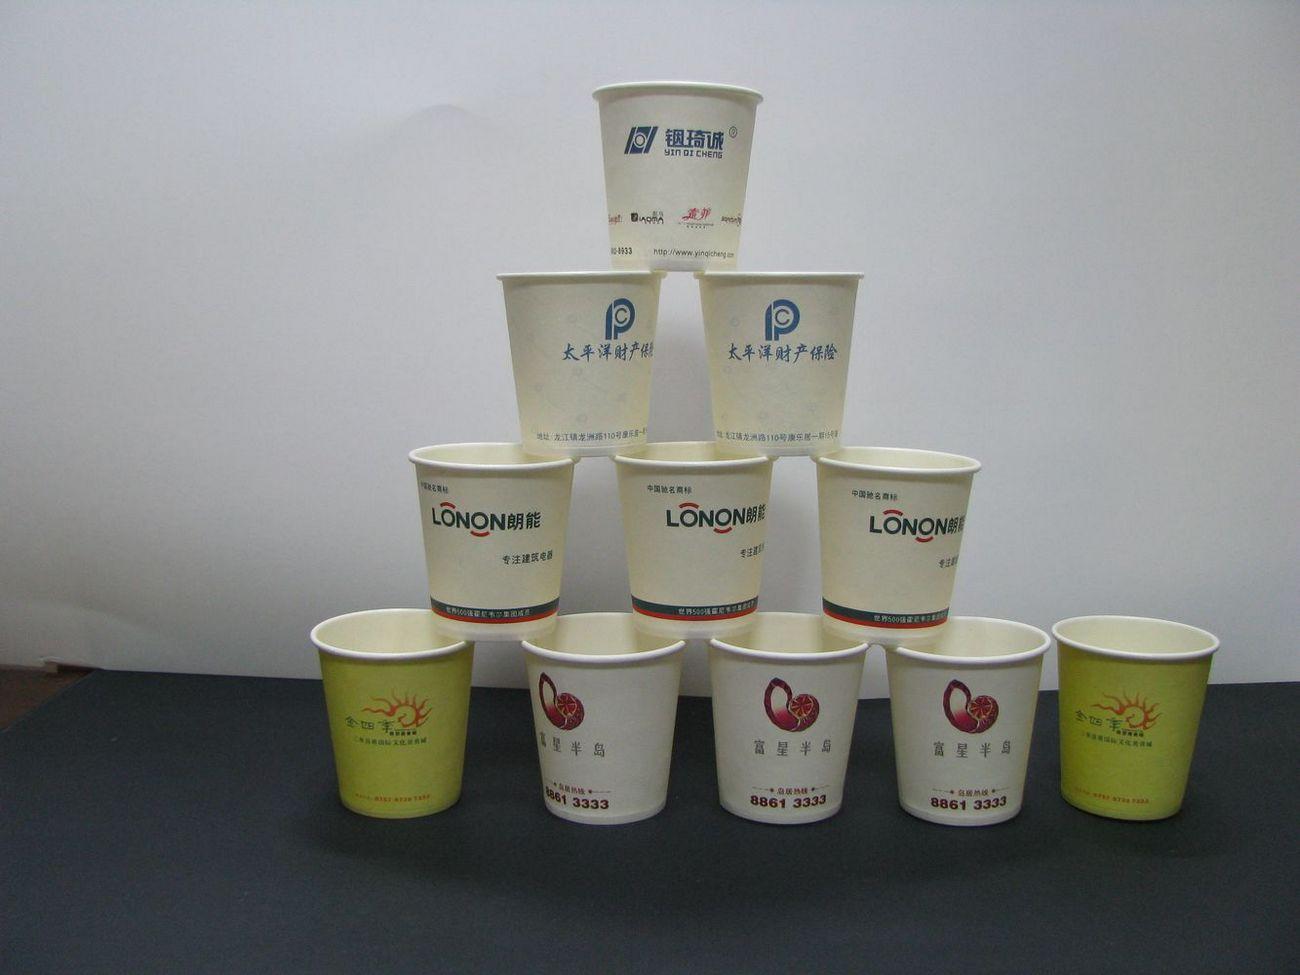 昆明广告纸杯印刷,云南广告纸杯印刷